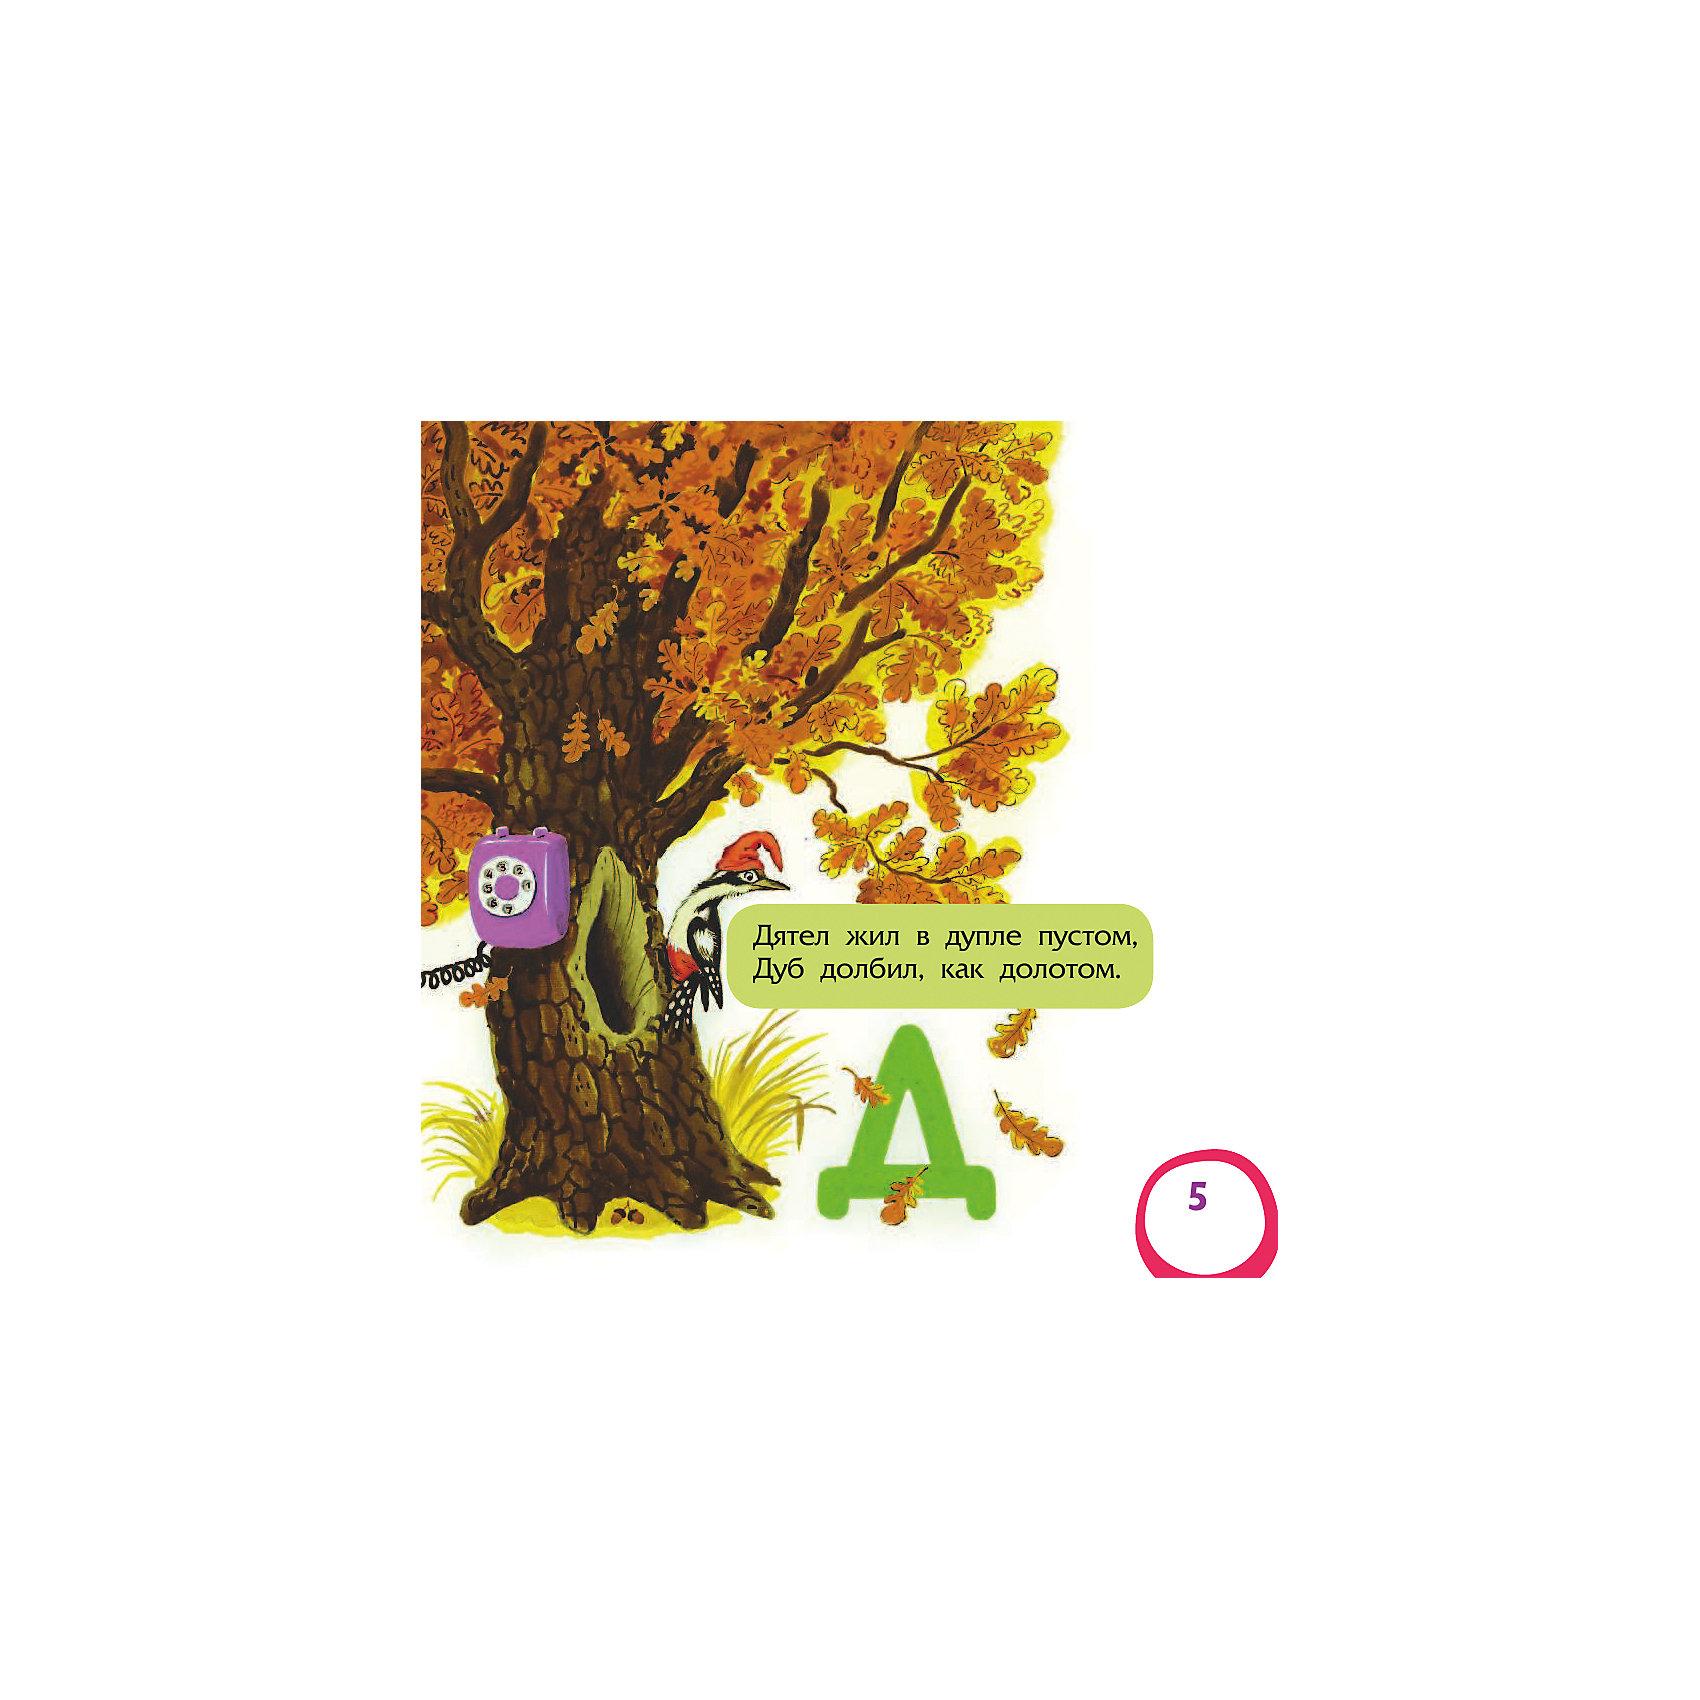 Маршак азбука в стихах и картинках издательство малыш